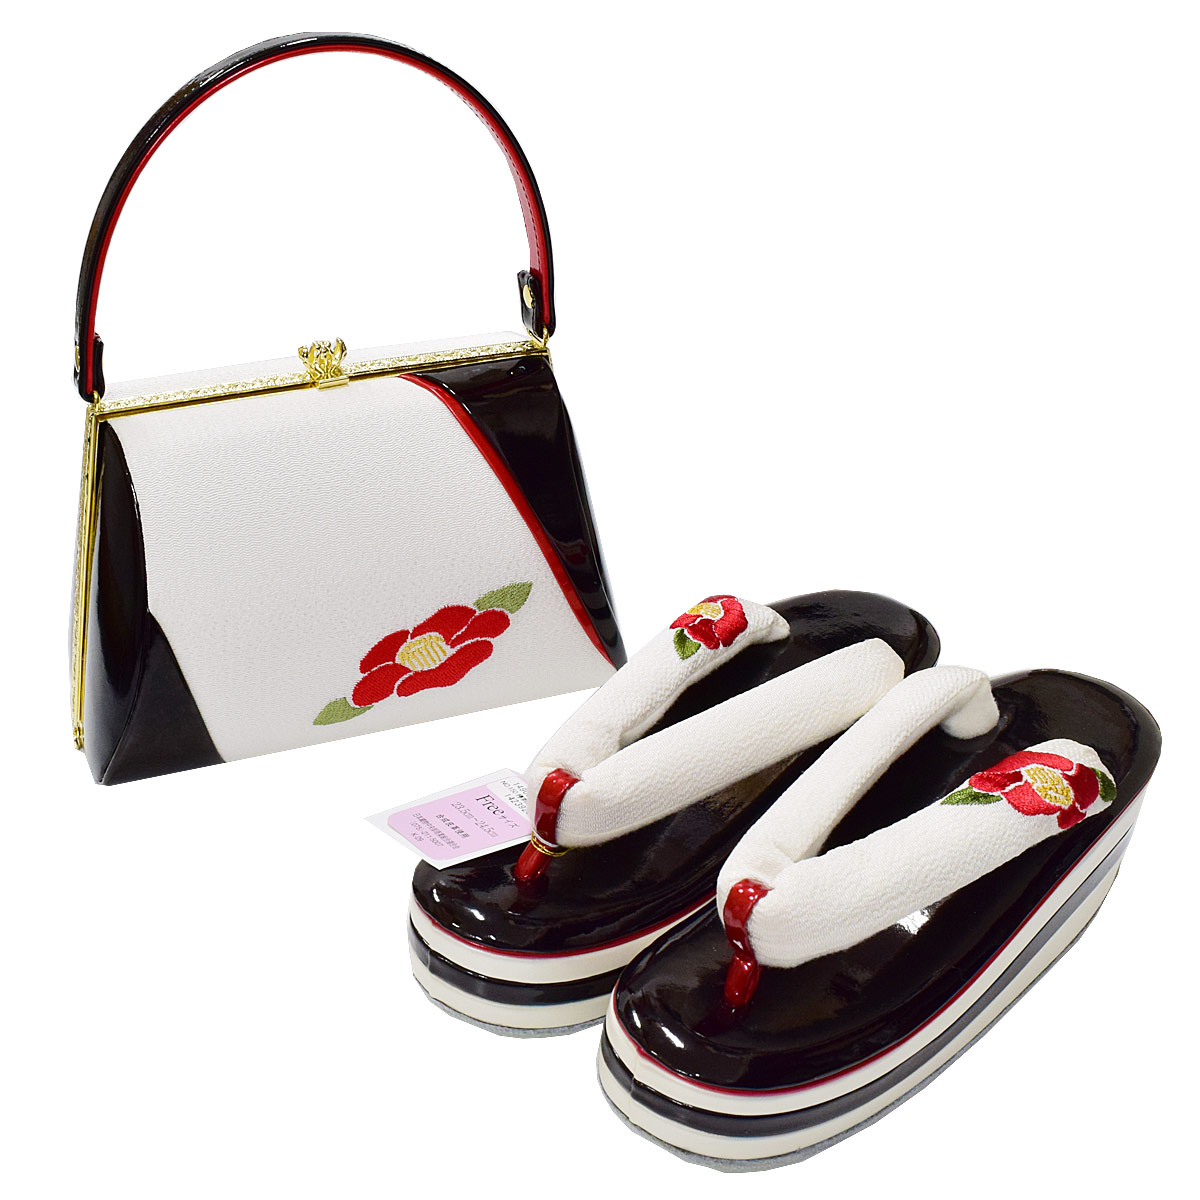 【椿】草履 バッグセット【フリーサイズ】振袖 成人式 袴 卒業式 モダン レトロ 白 黒 赤 花番号d612-42